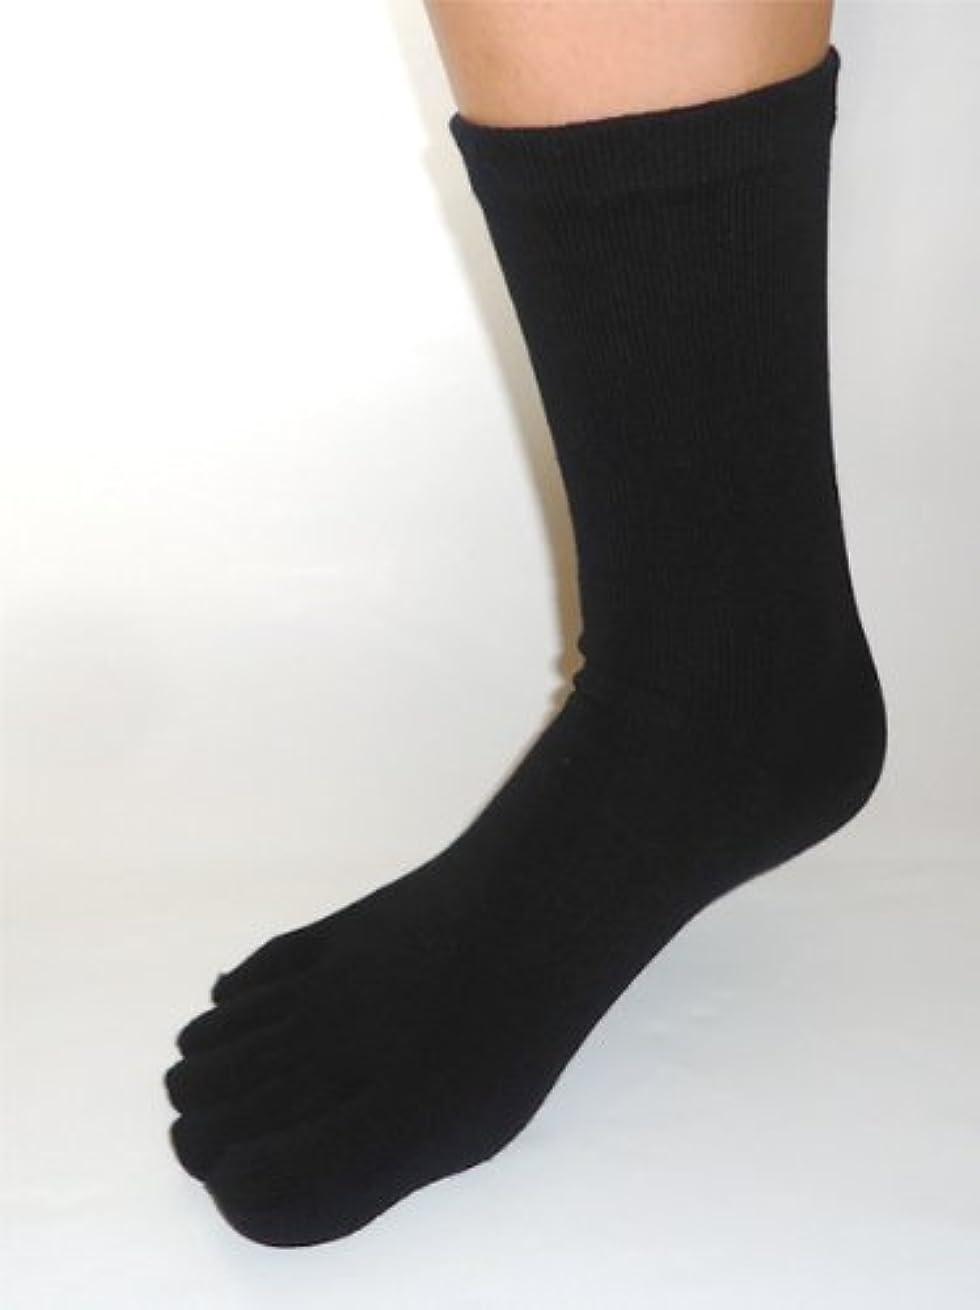 日本製 紳士5本指靴下 こだわりシルク 24~26cm お買得3色3足組